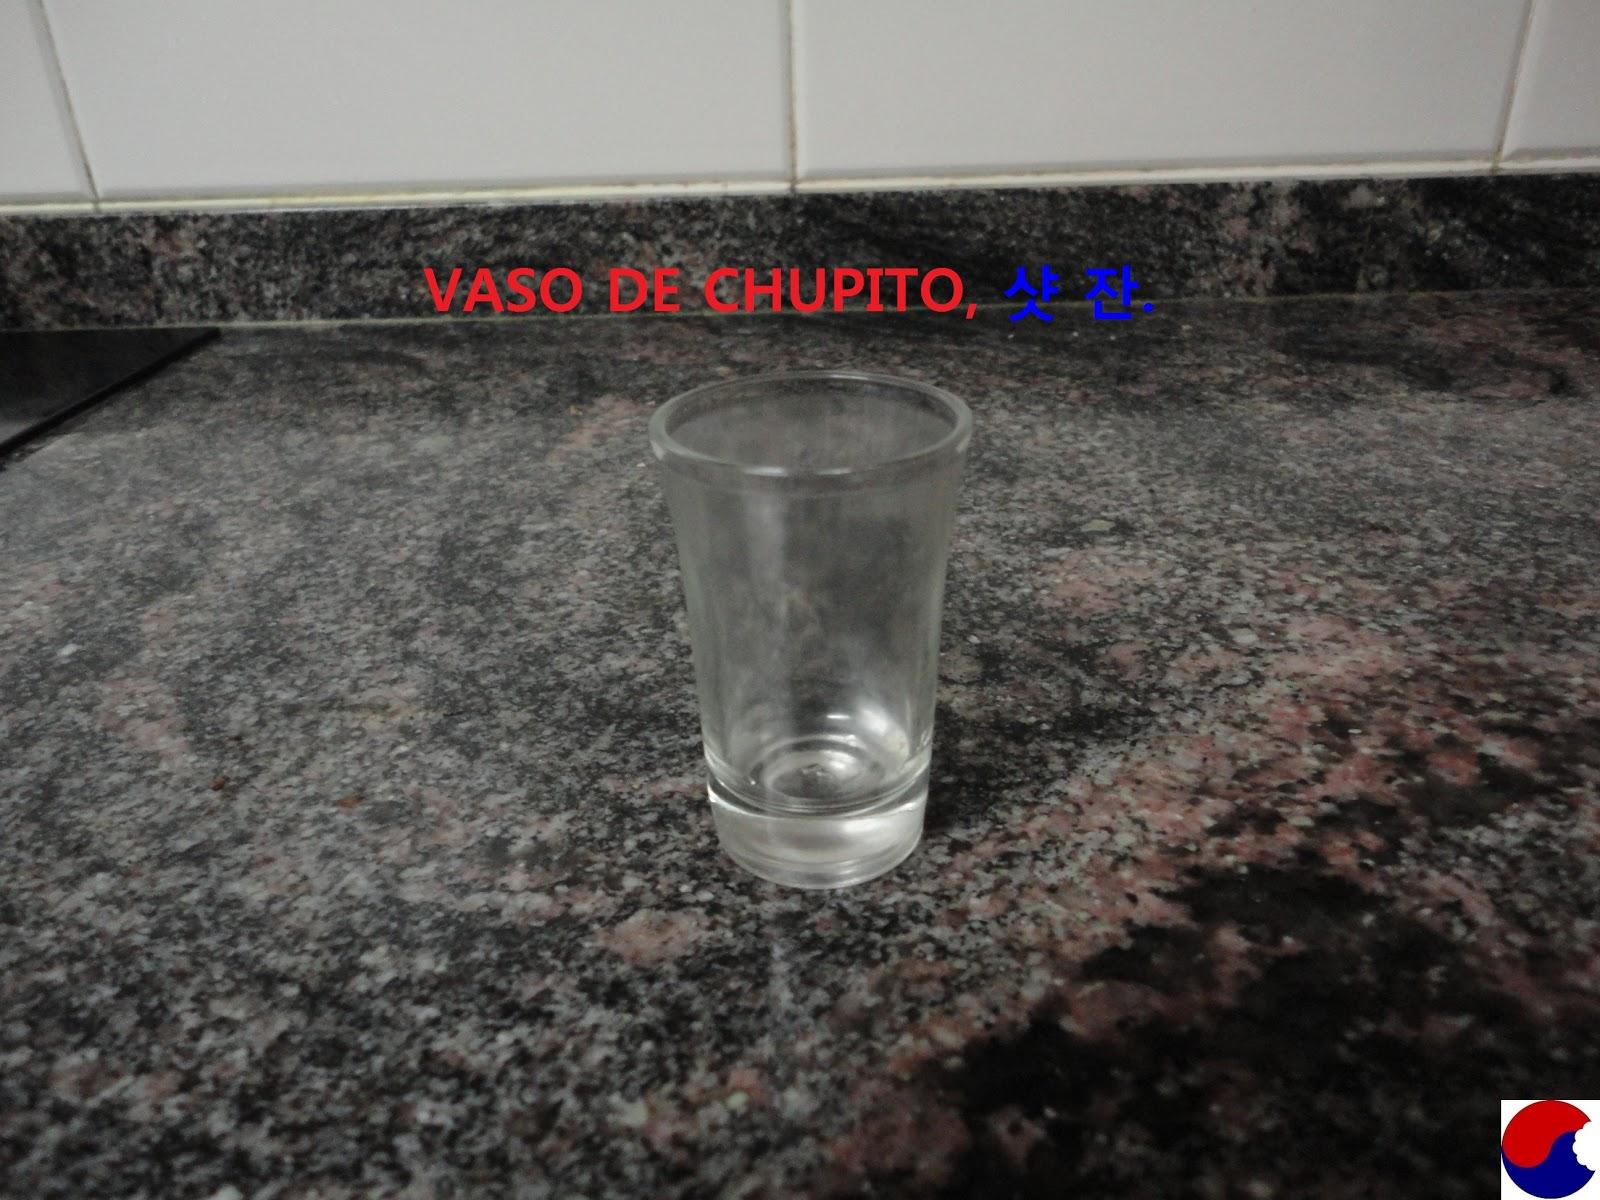 Comi ndome corea vocabulario vajilla for Vaso chupito